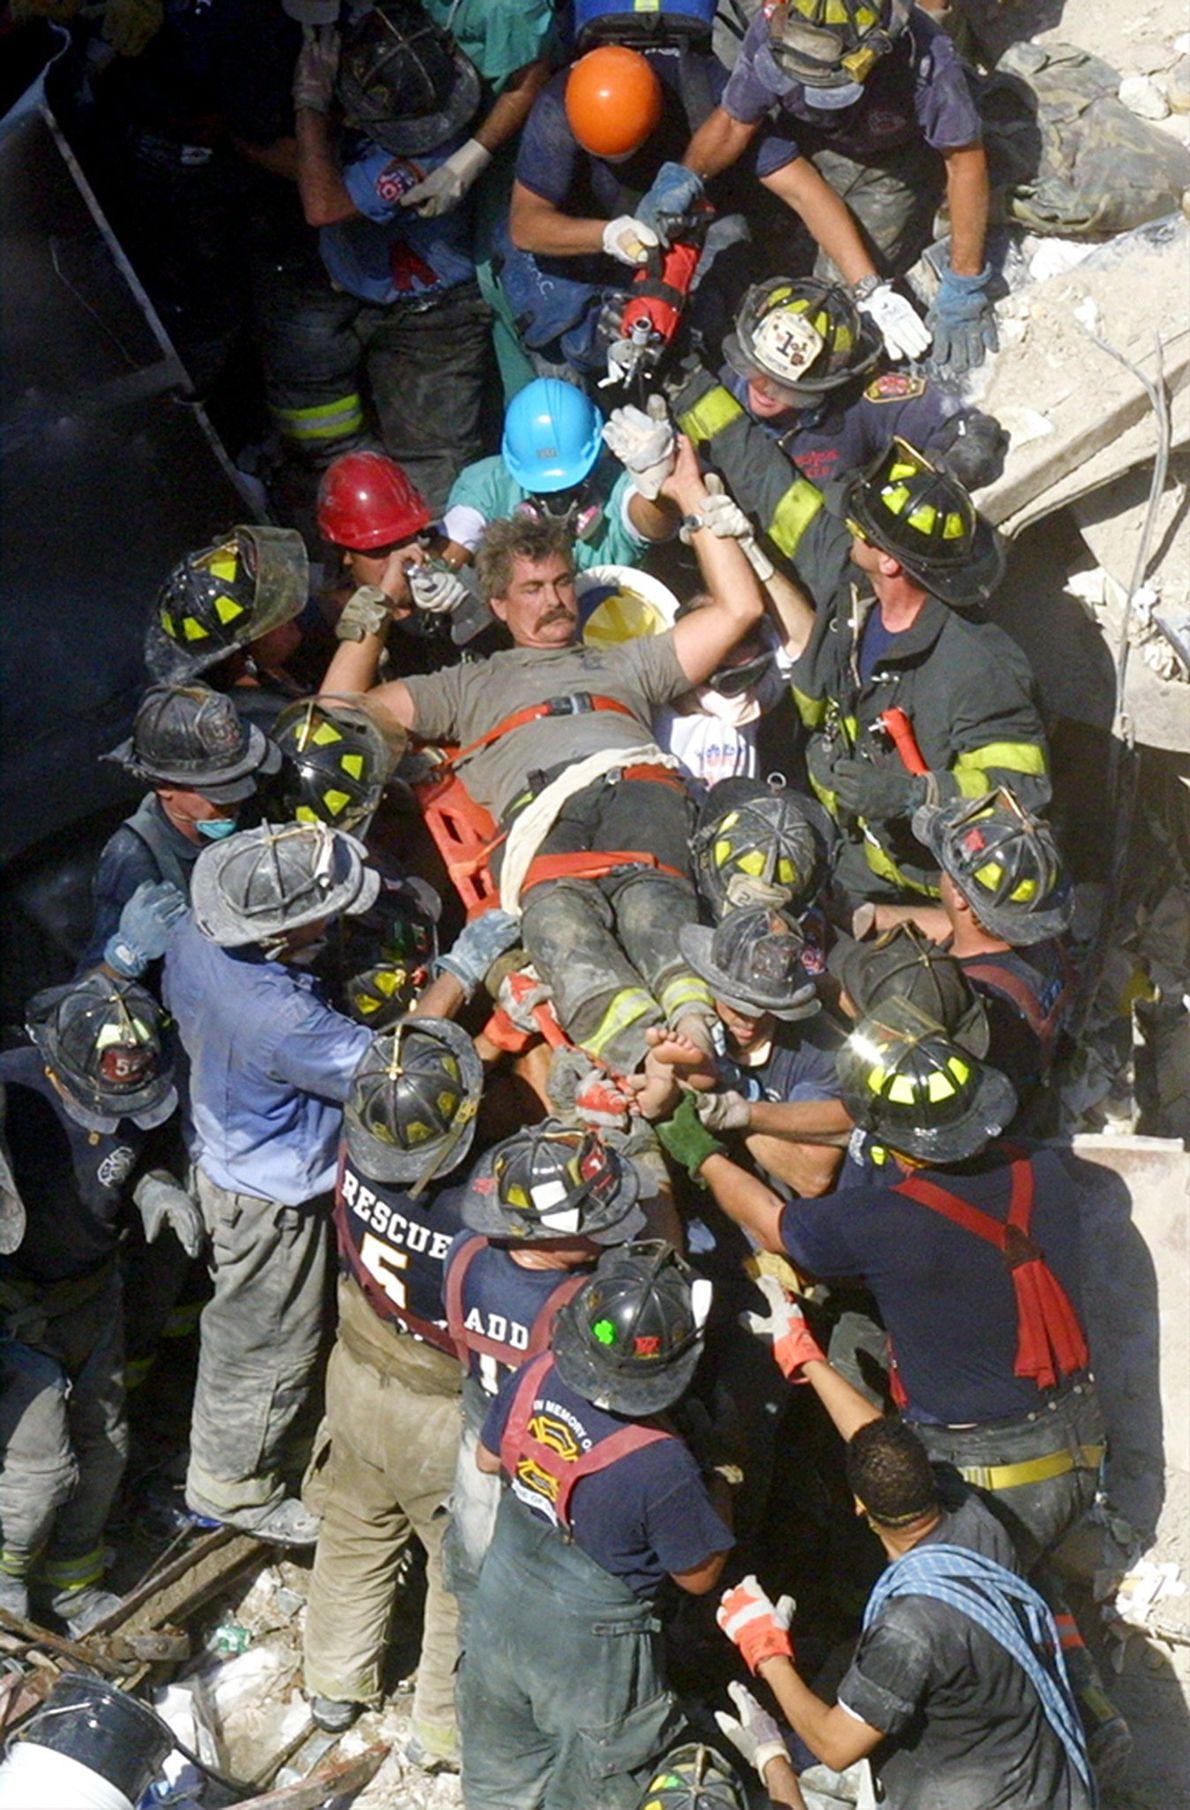 9/11 Rescuers